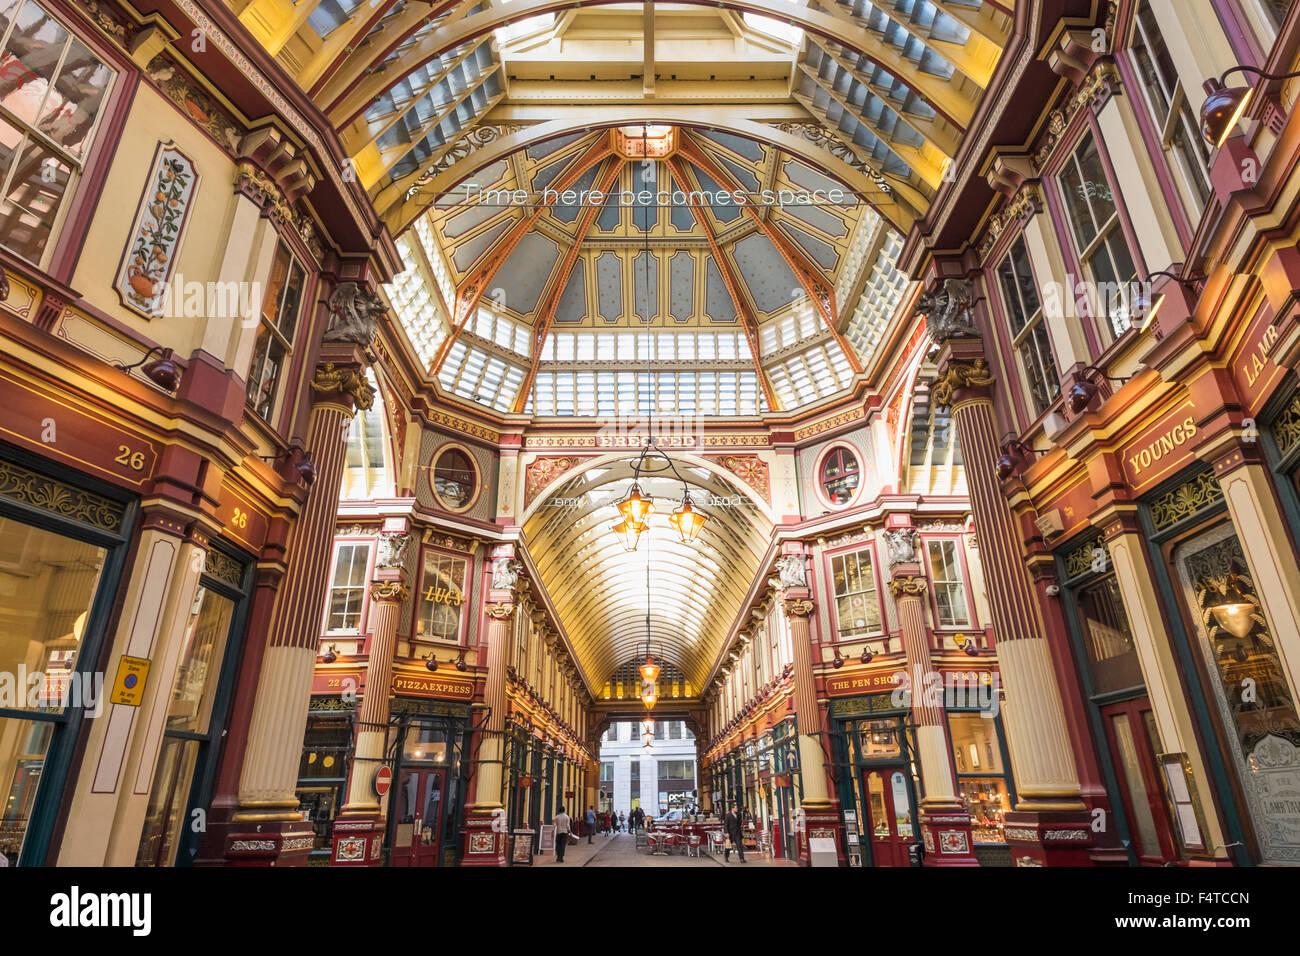 Inglaterra, Londres, la ciudad, el mercado Leadenhall Imagen De Stock